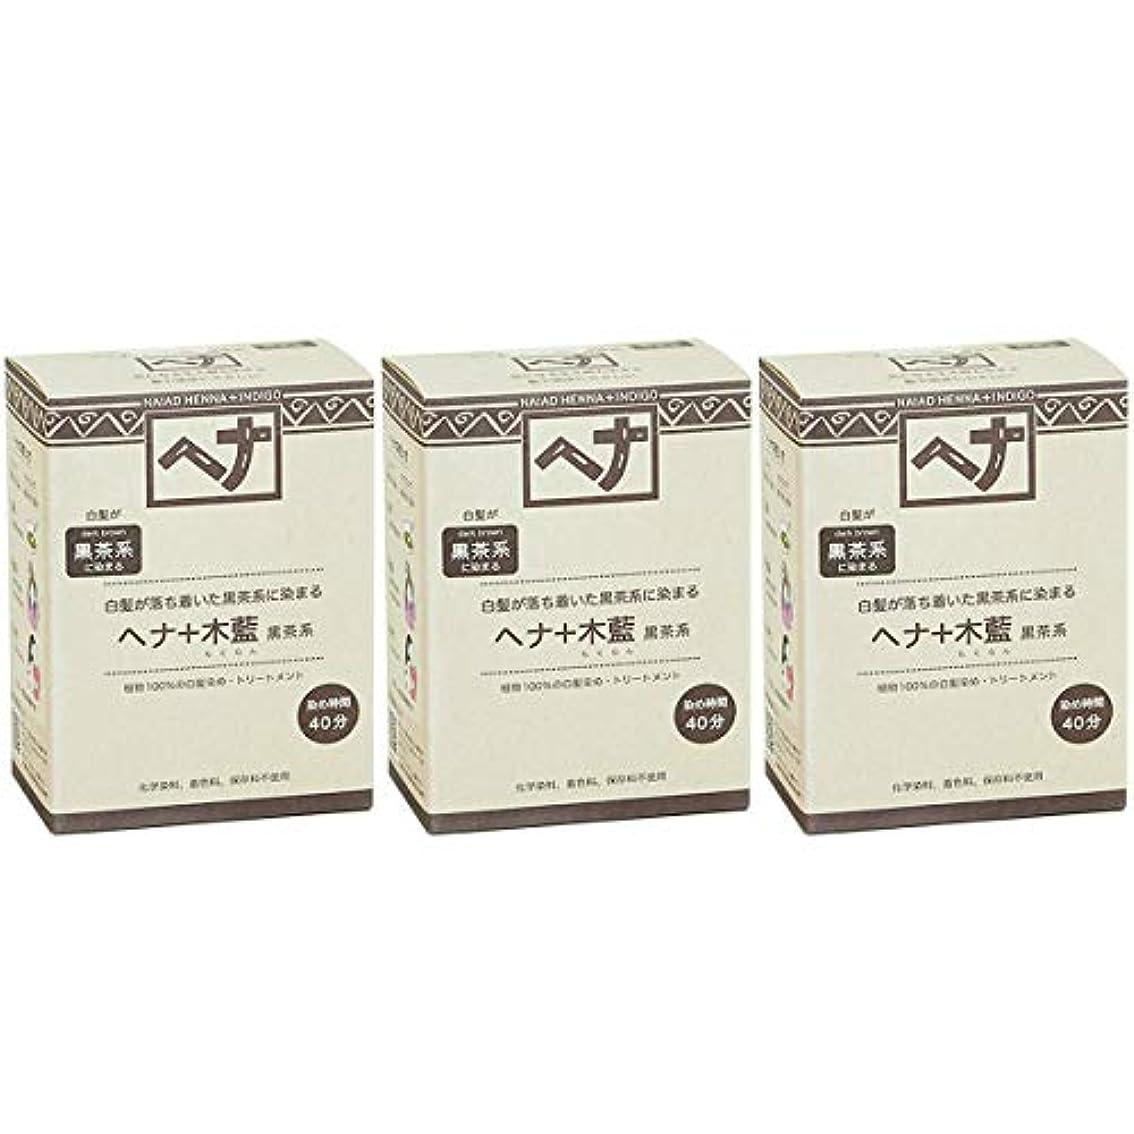 会計士イチゴケニアナイアード ヘナ + 木藍 黒茶系 白髪が落ち着いた黒茶系に染まる 100g 3個セット